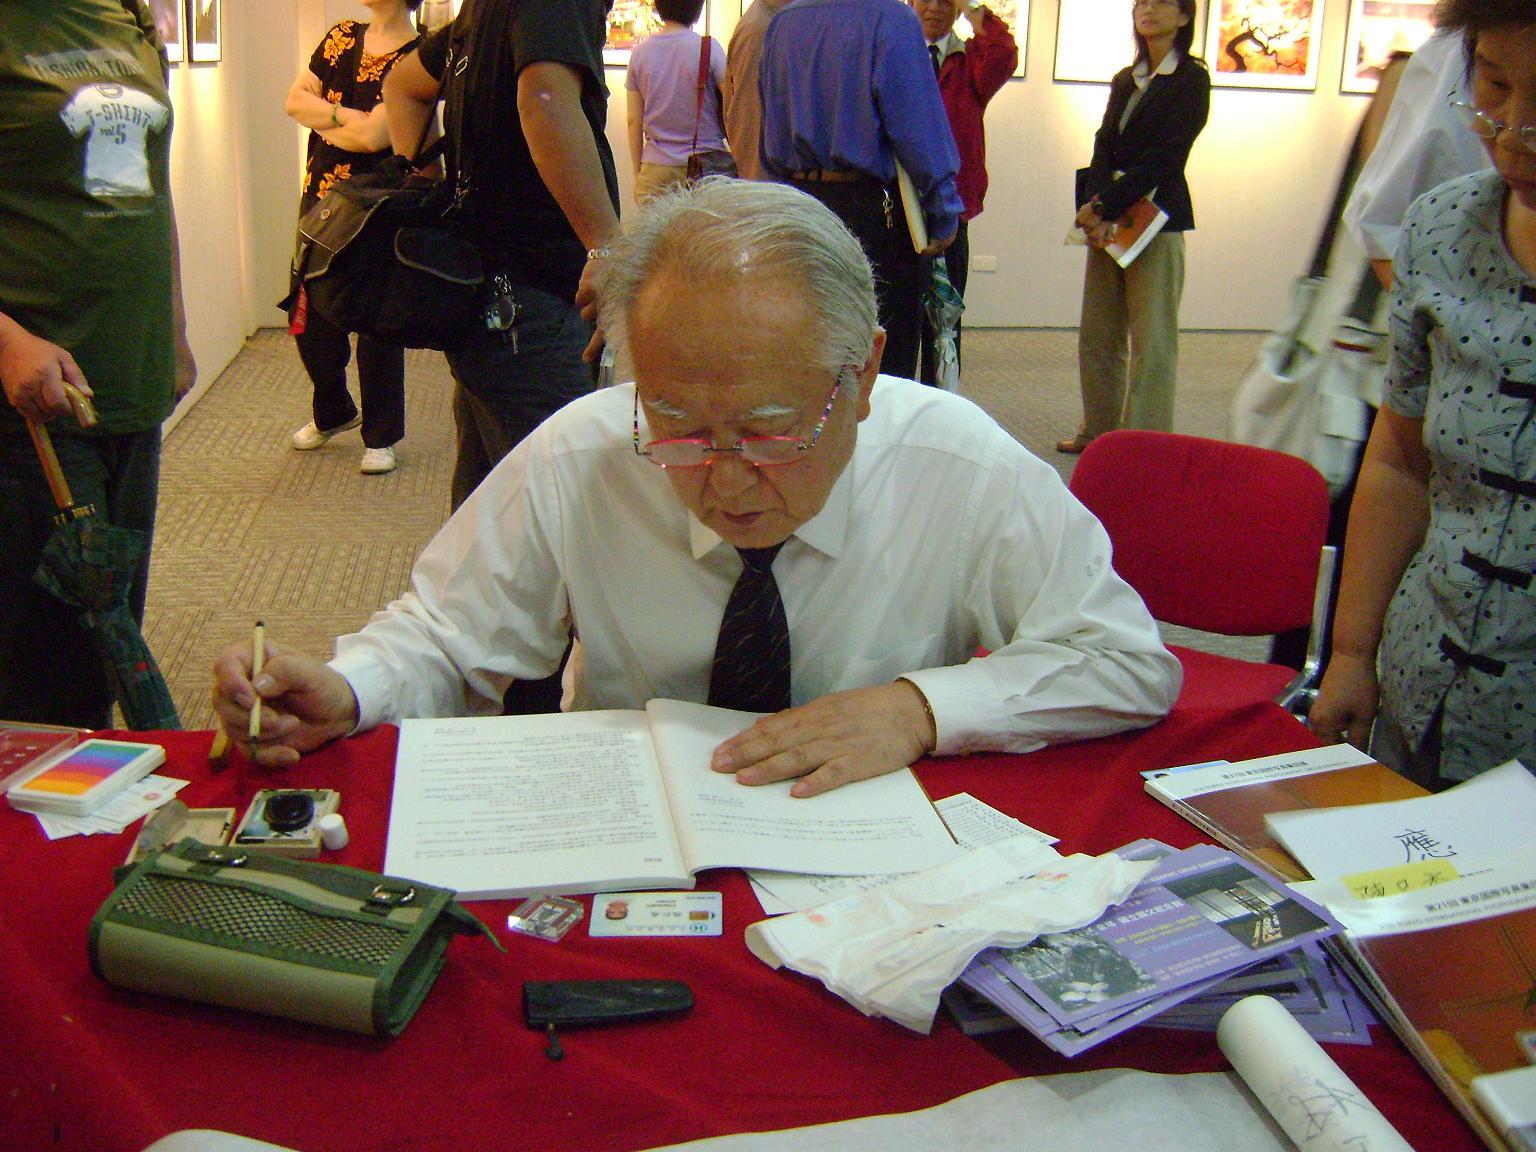 Image of Toshiki Ozawa from Wikidata